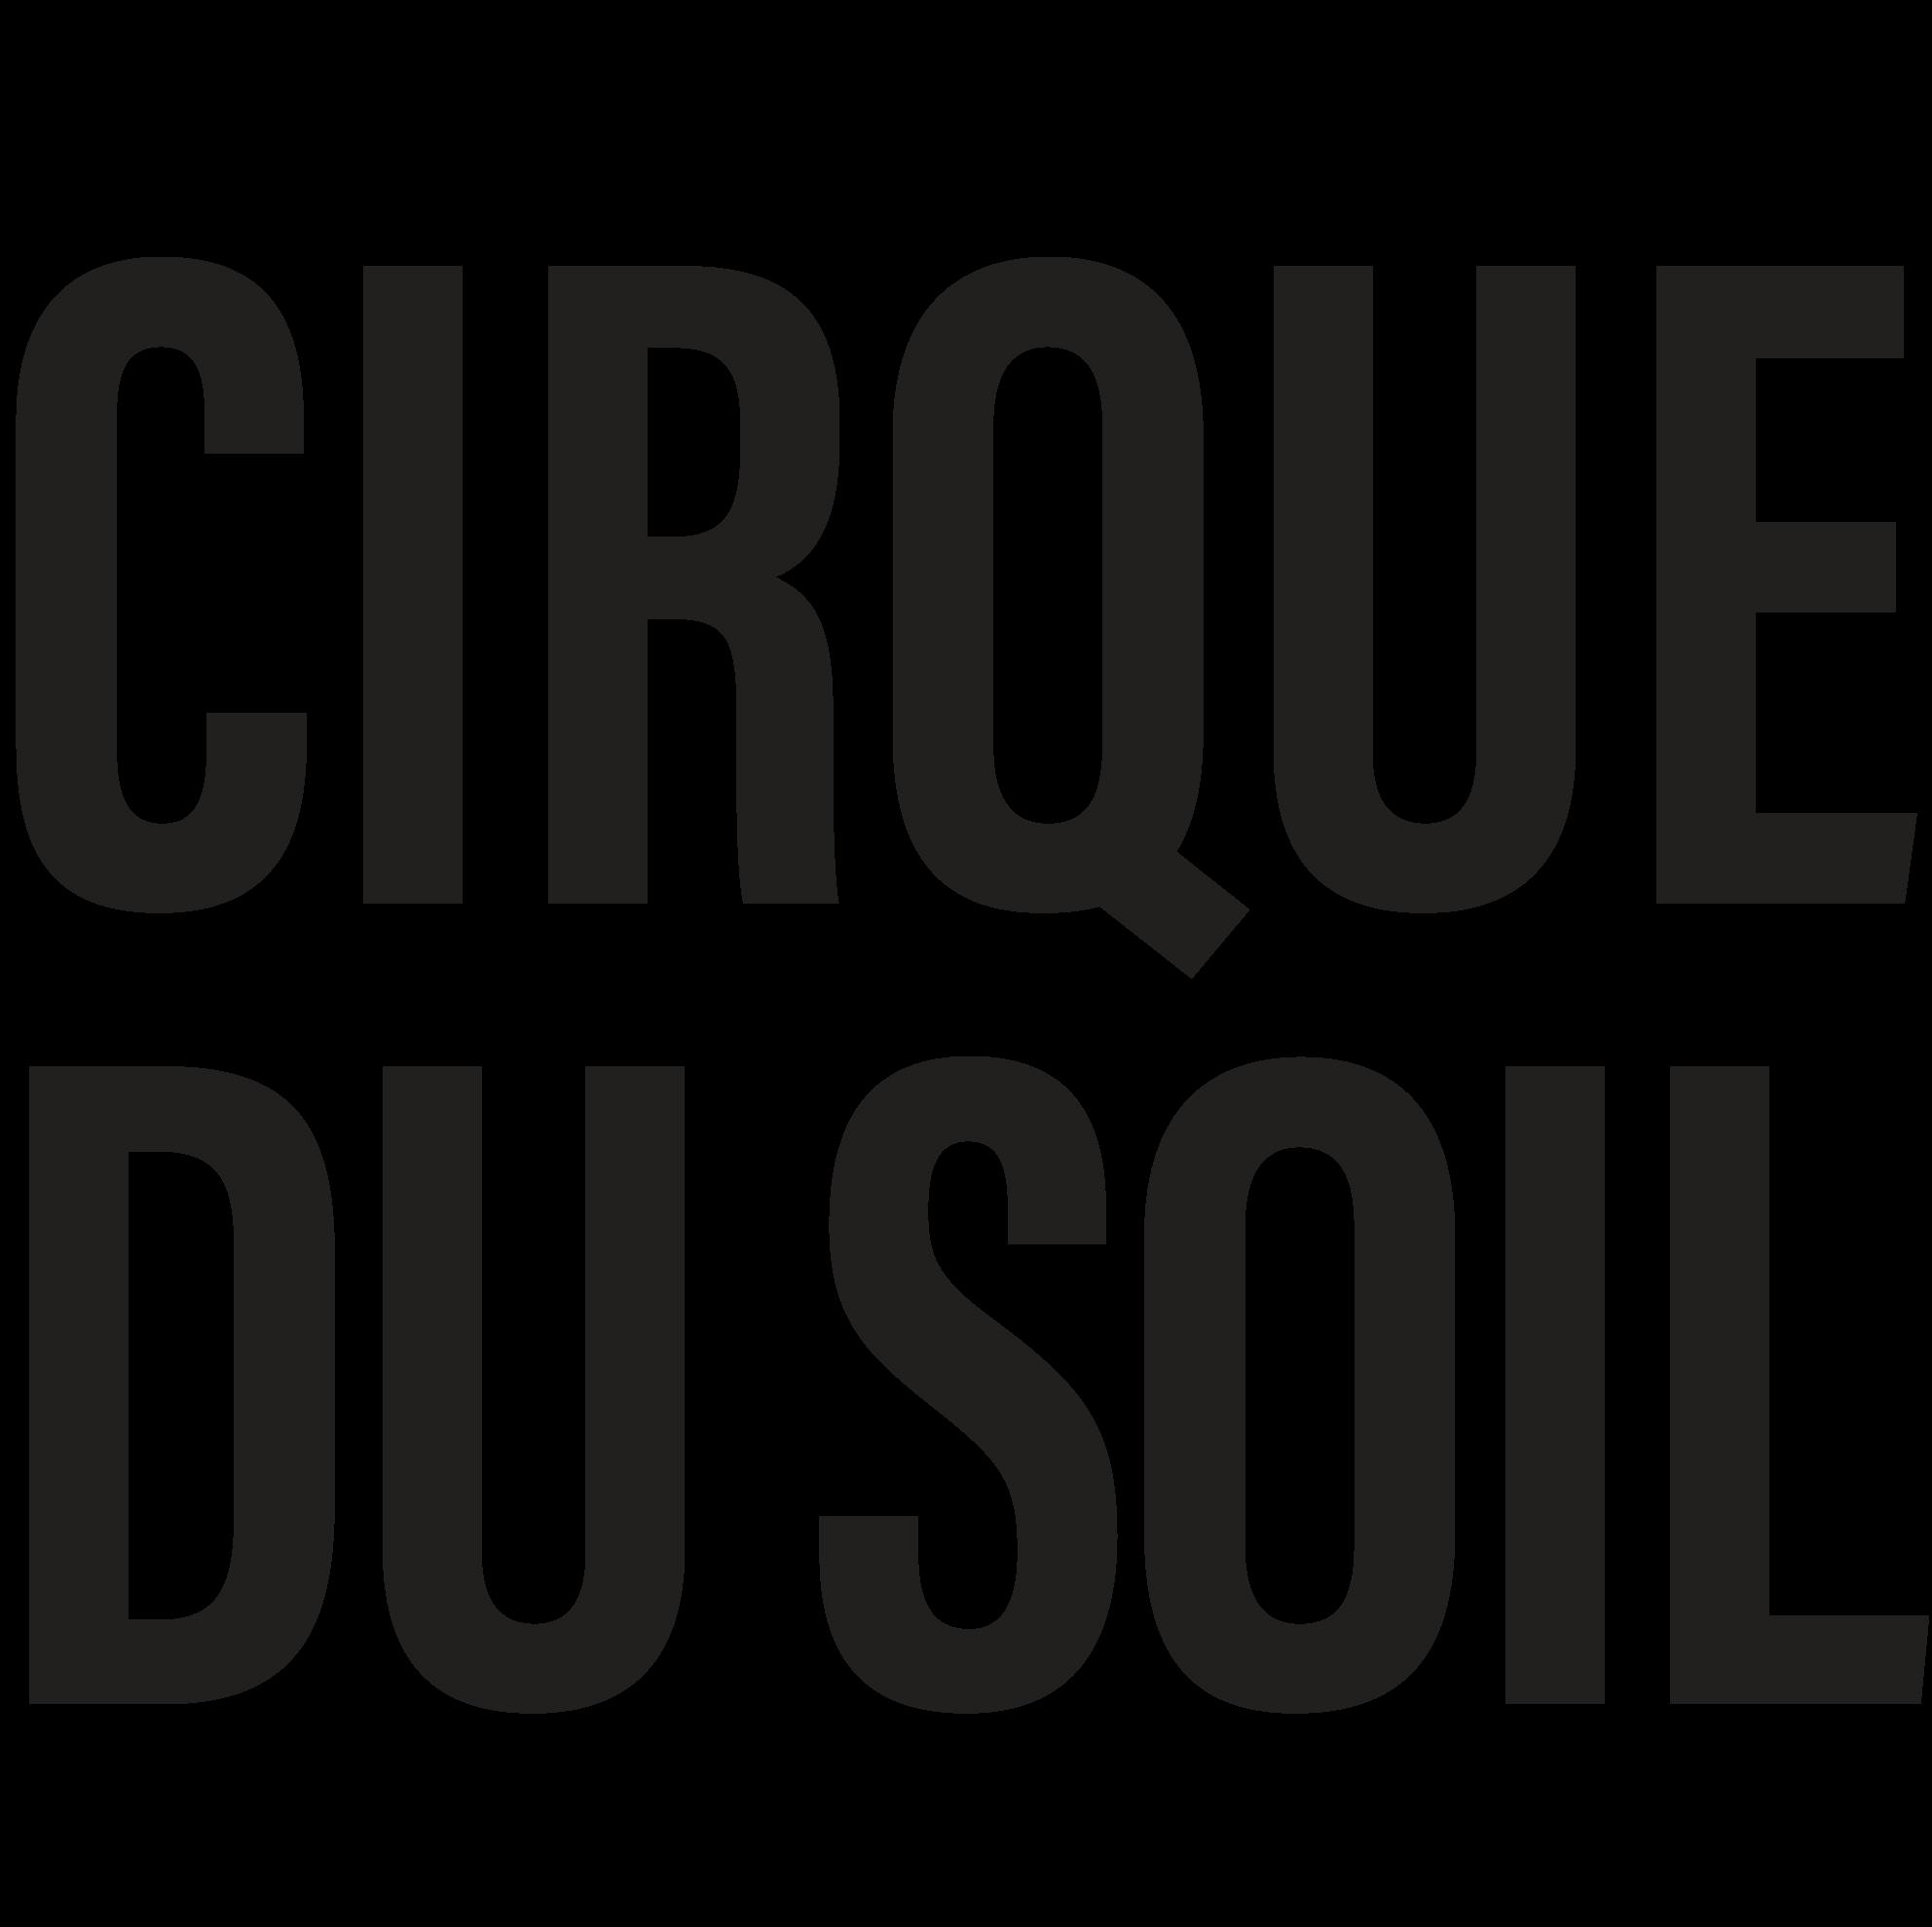 Cirque du Soil